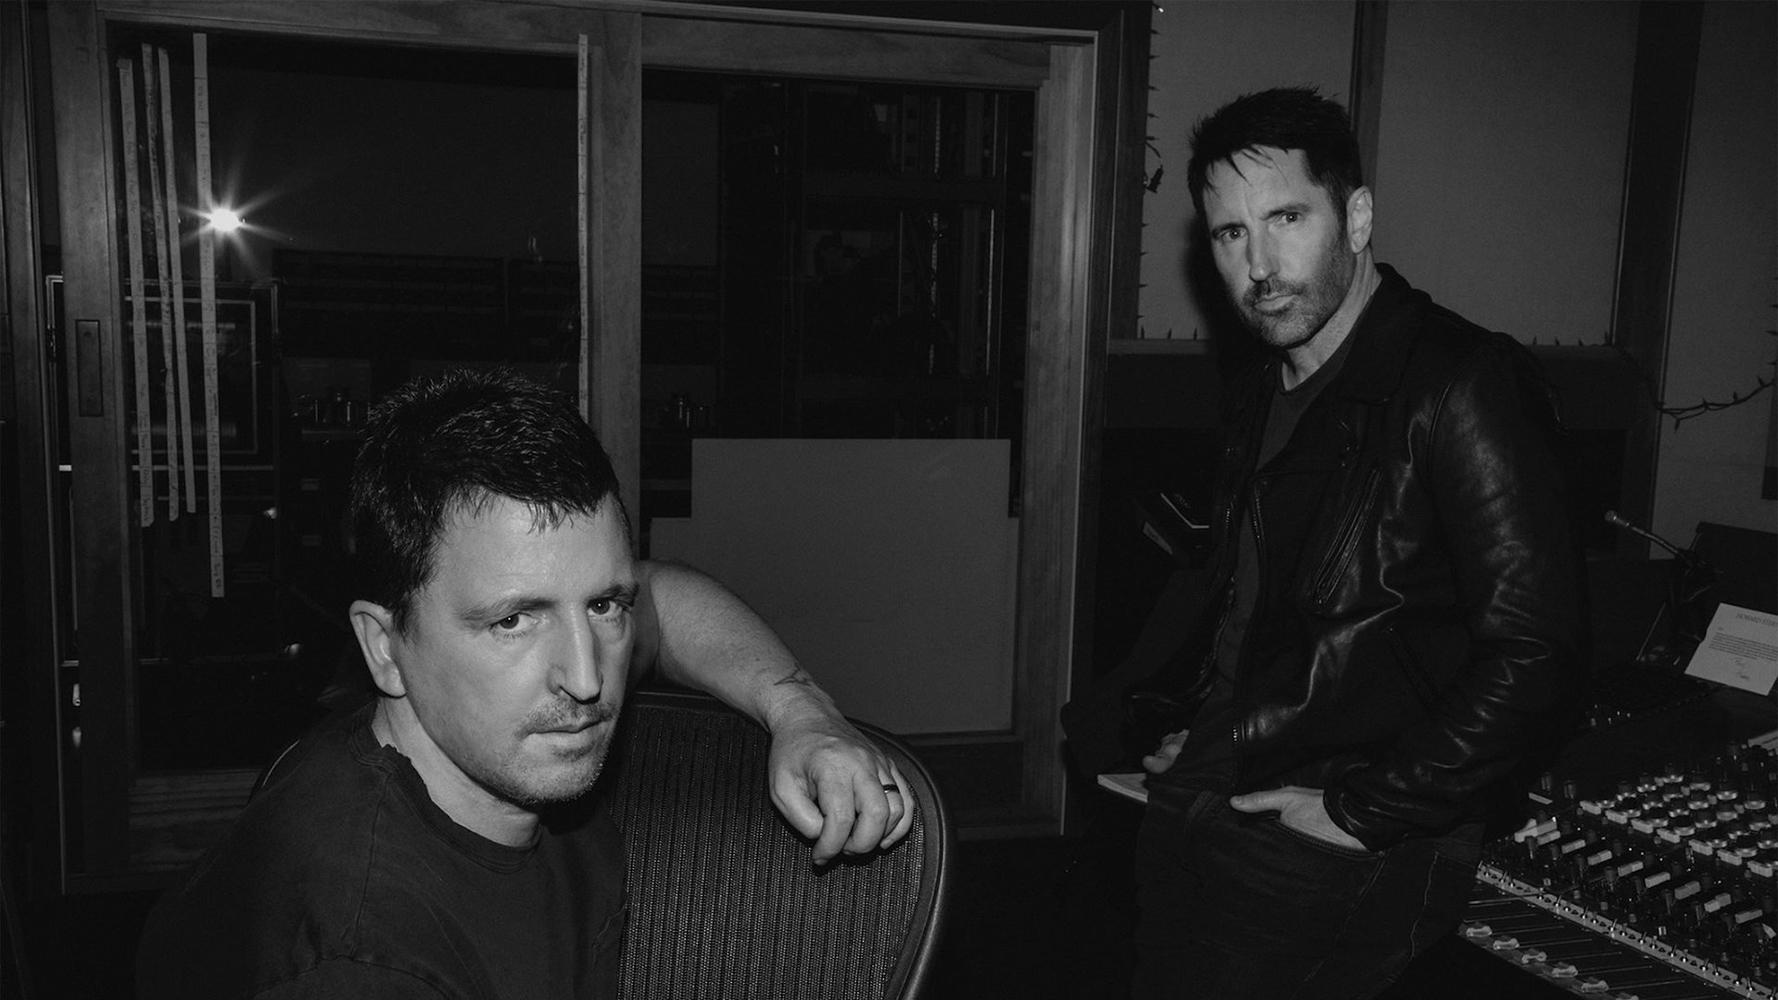 Atticus och Trent hade som synes väldigt gemytligt och avslappnat i studion under inspelningen av det nya materialet. Foto: Nine Inch Nails på Facebook